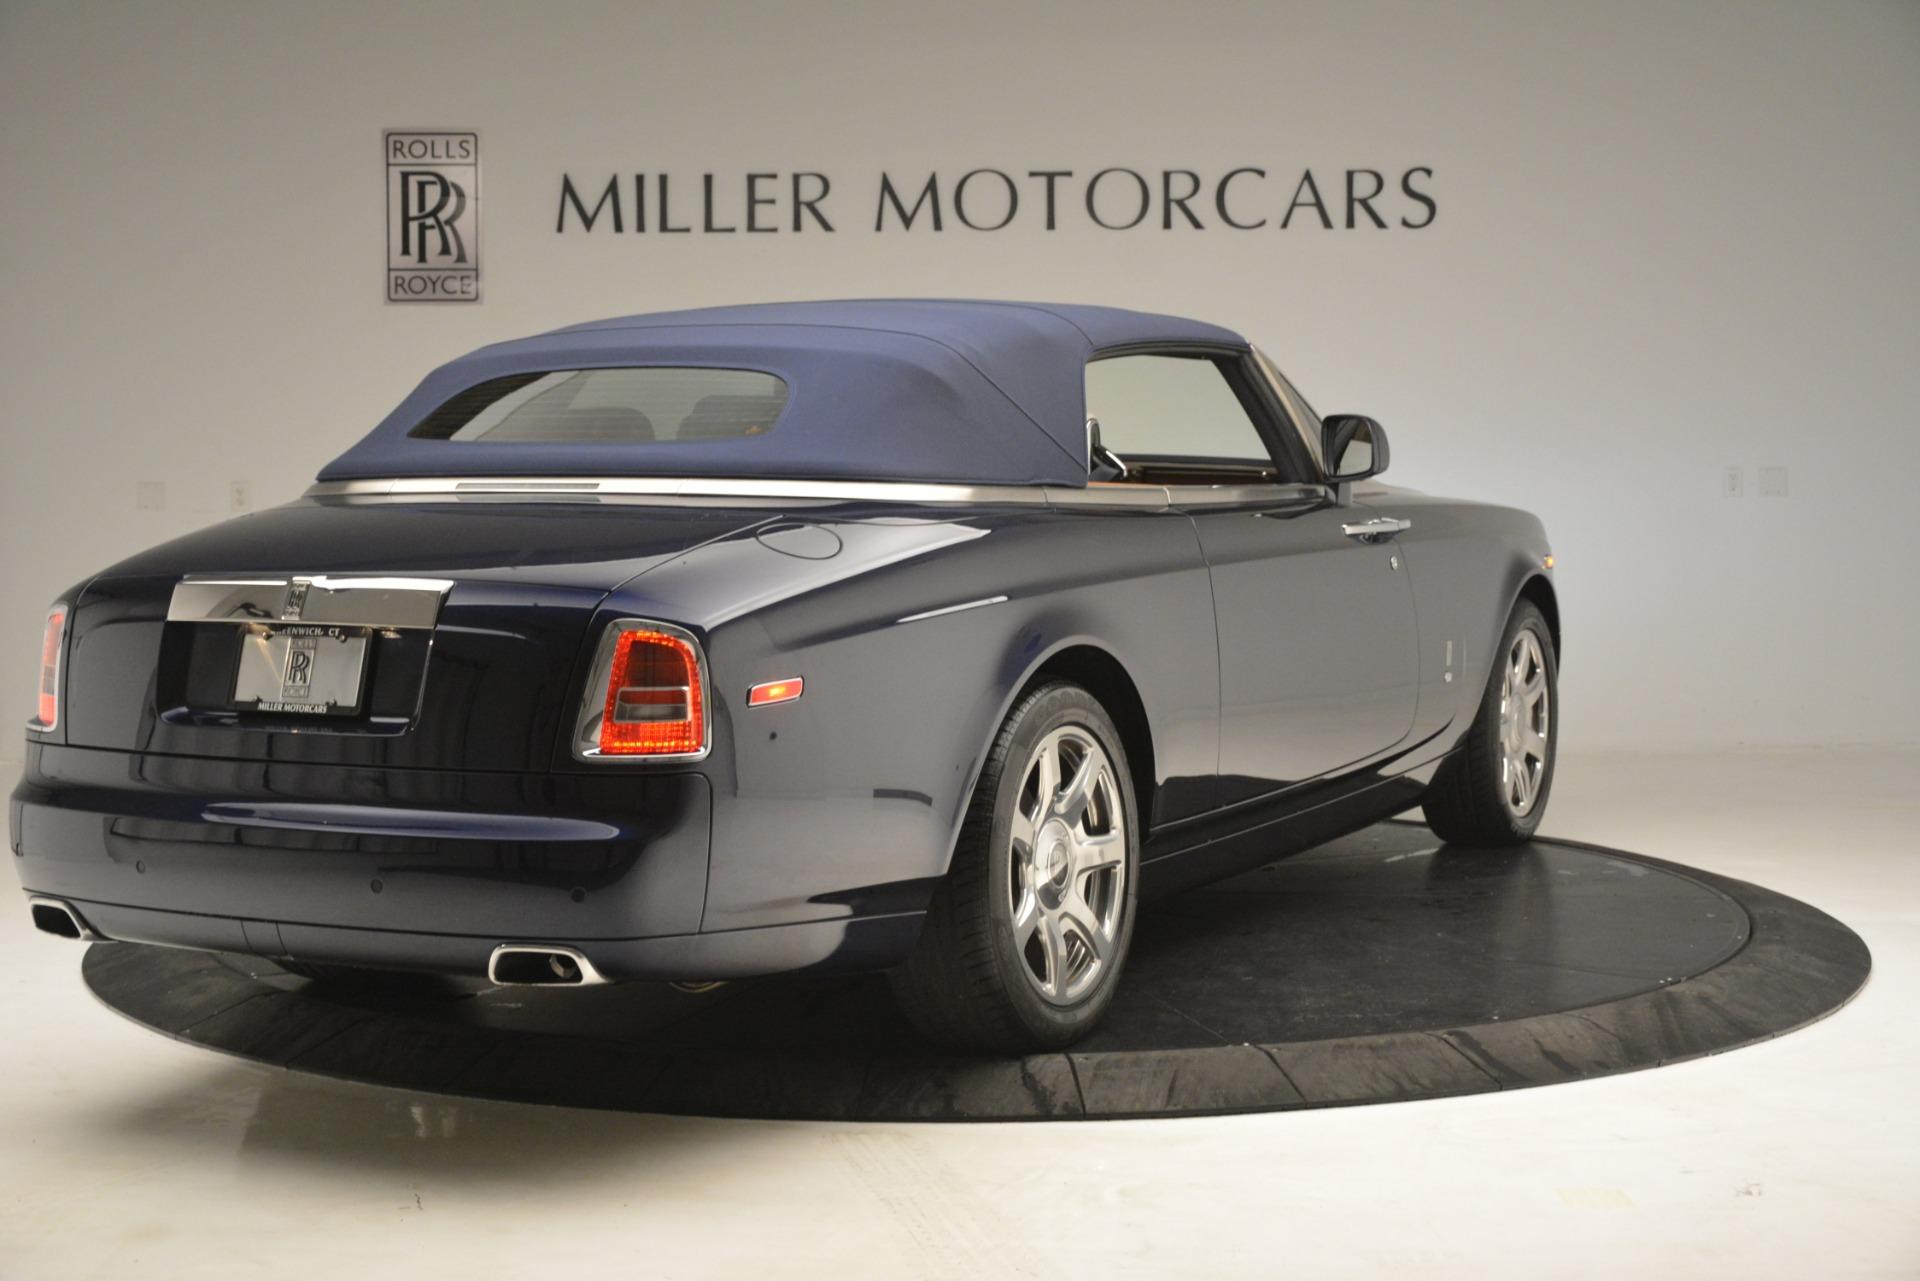 Used 2013 Rolls-Royce Phantom Drophead Coupe  For Sale In Westport, CT 2999_p24